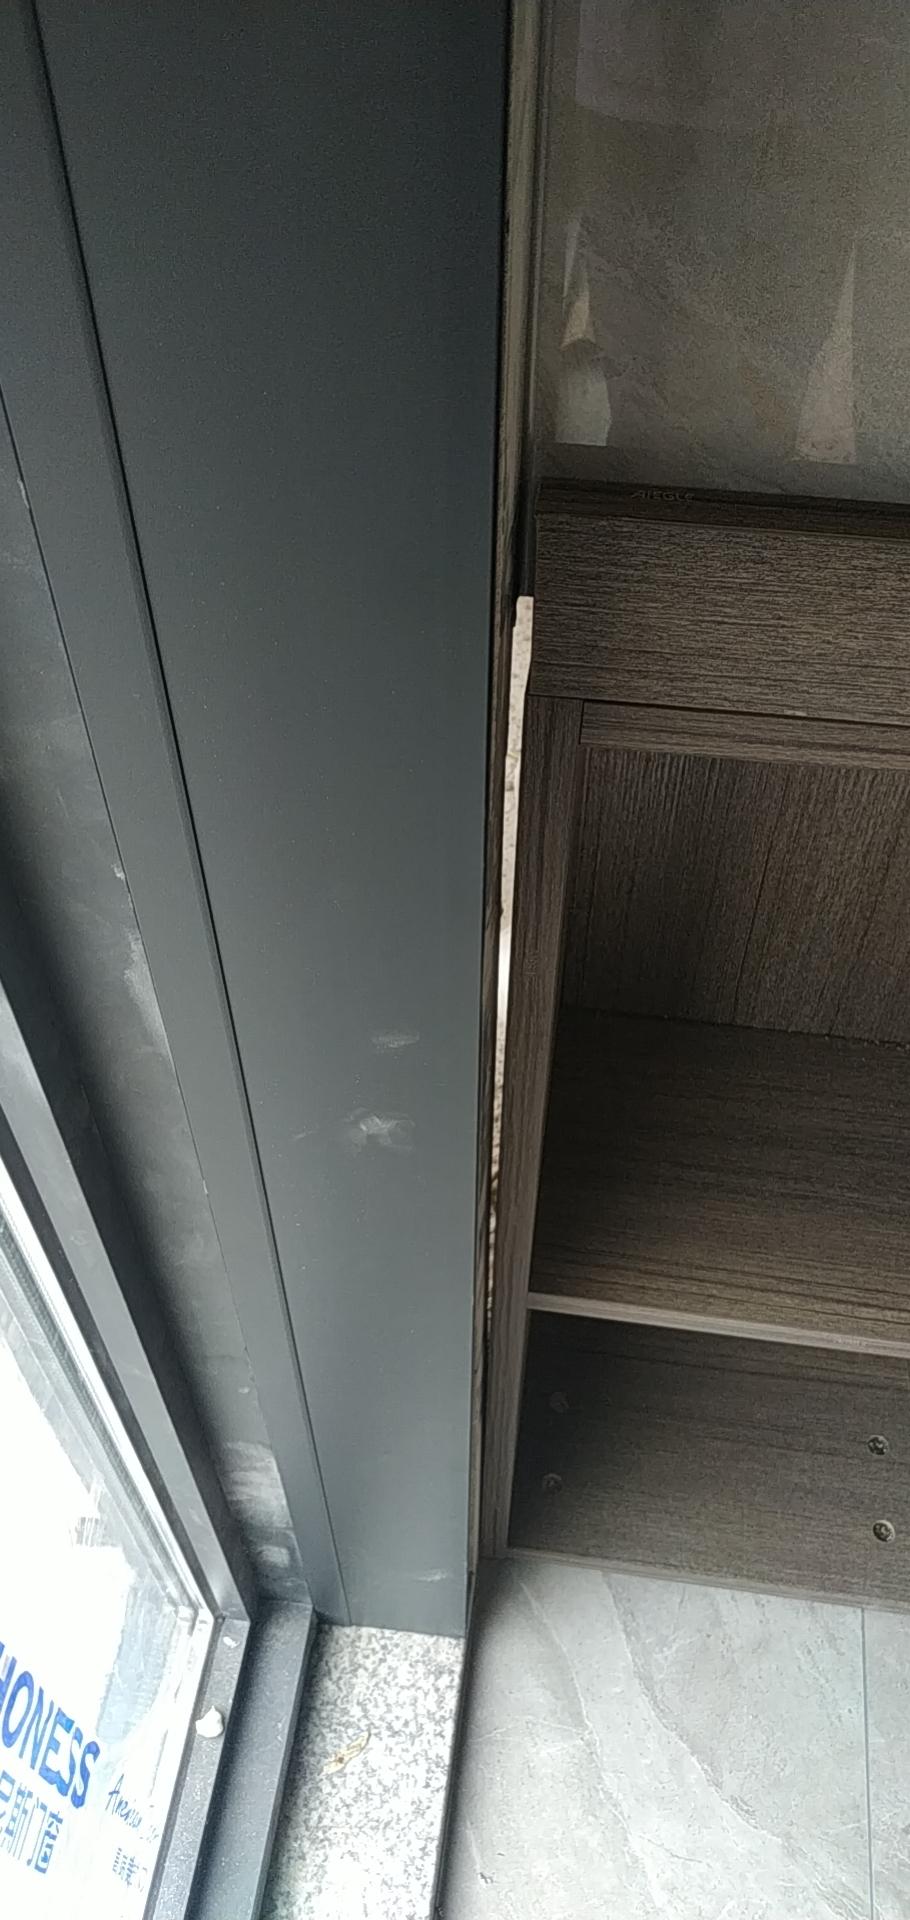 空调检修口缝隙该怎么处理